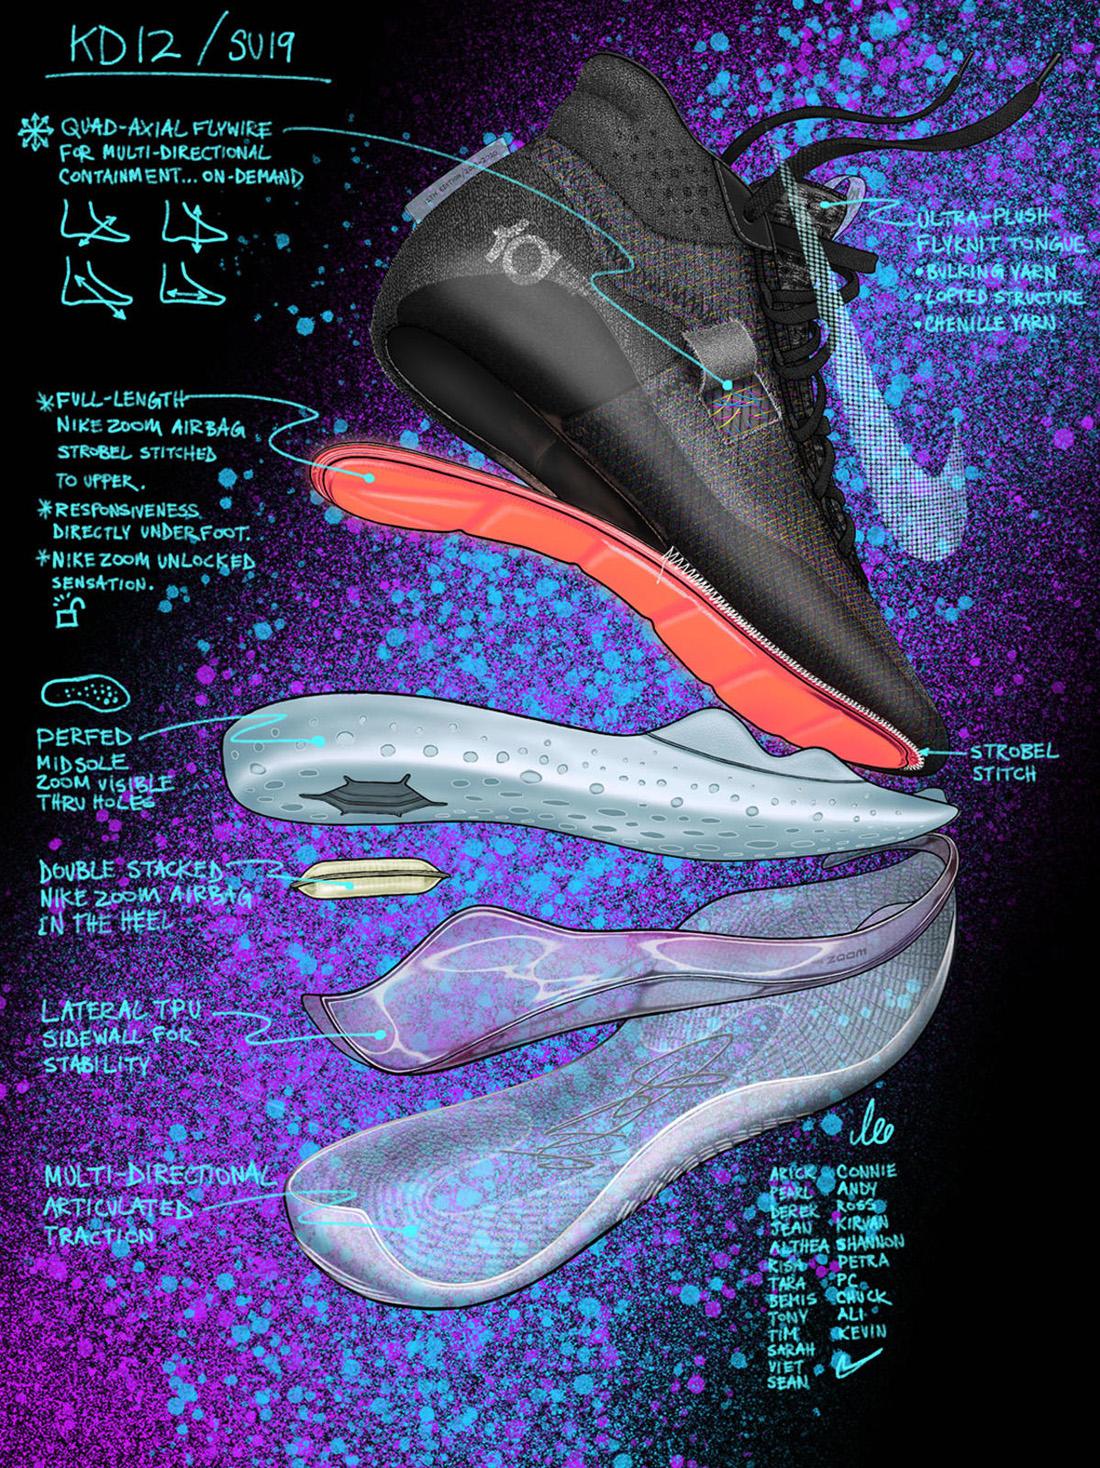 Tất cả những gì cần biết về Nike KD 12: Cực phẩm siêu Zoom mới của Kevin Durant